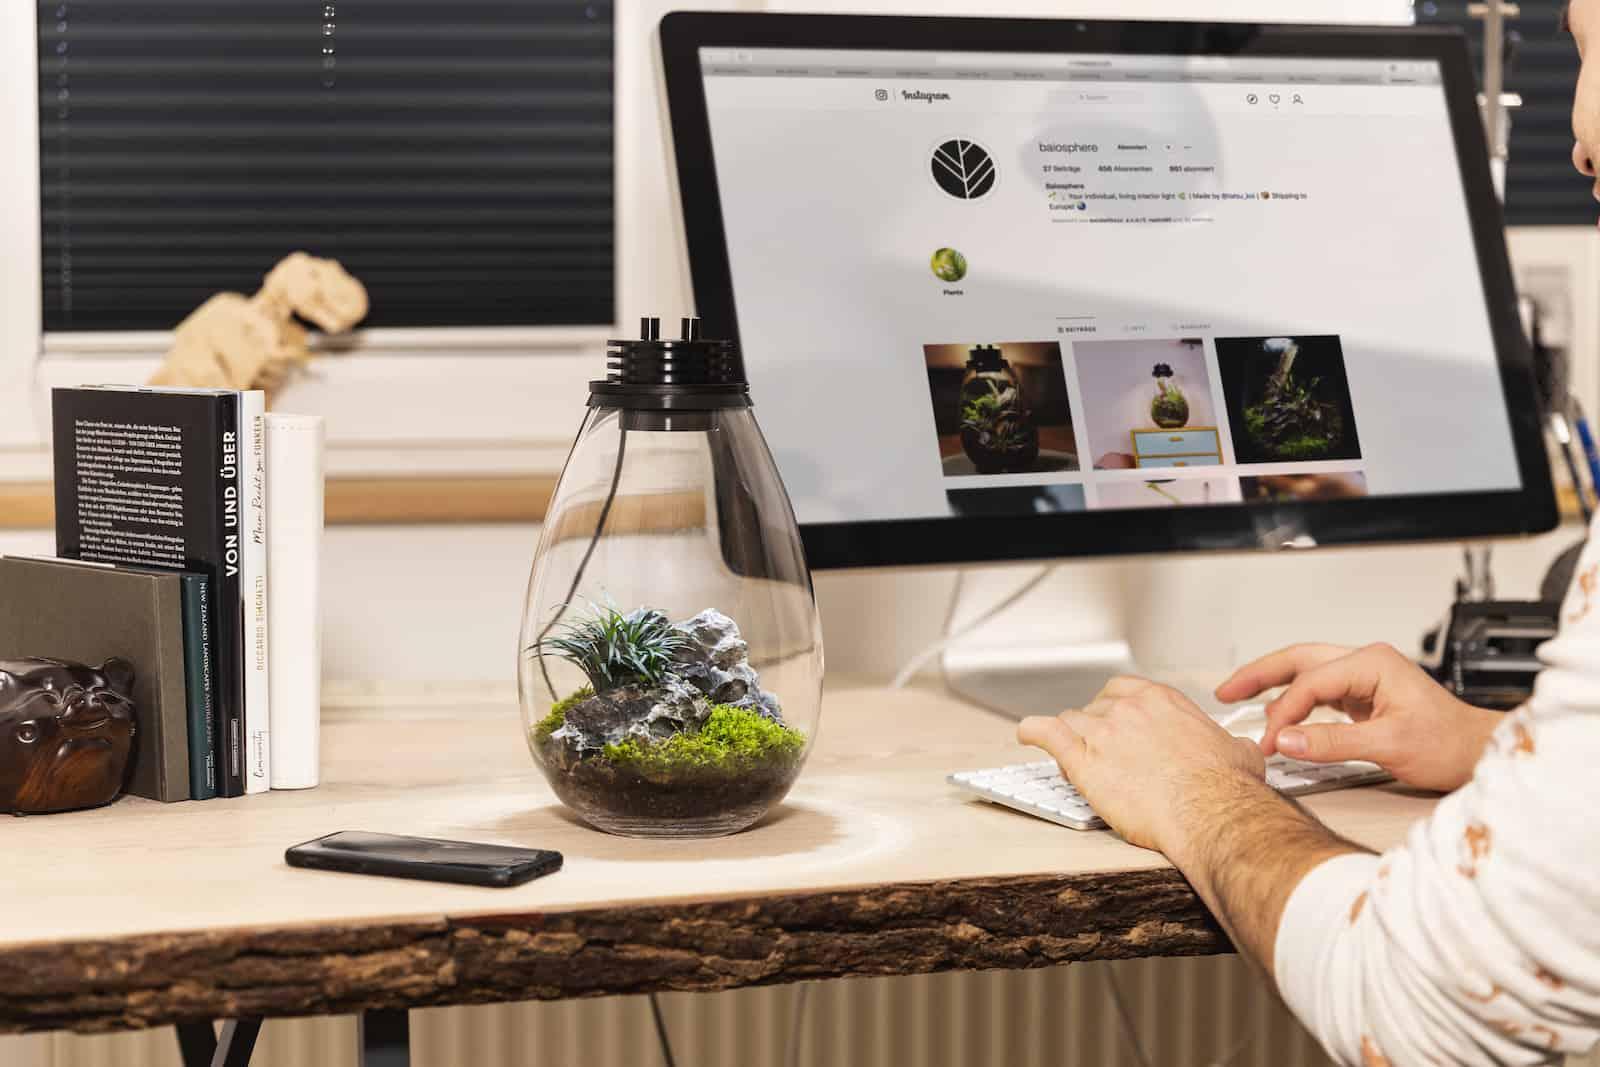 207 - Baiosphere - Das Planzenterrarium: Mikrokosmos selbst für schwierige Pflanzen (Benedigt Vimalavong) 11